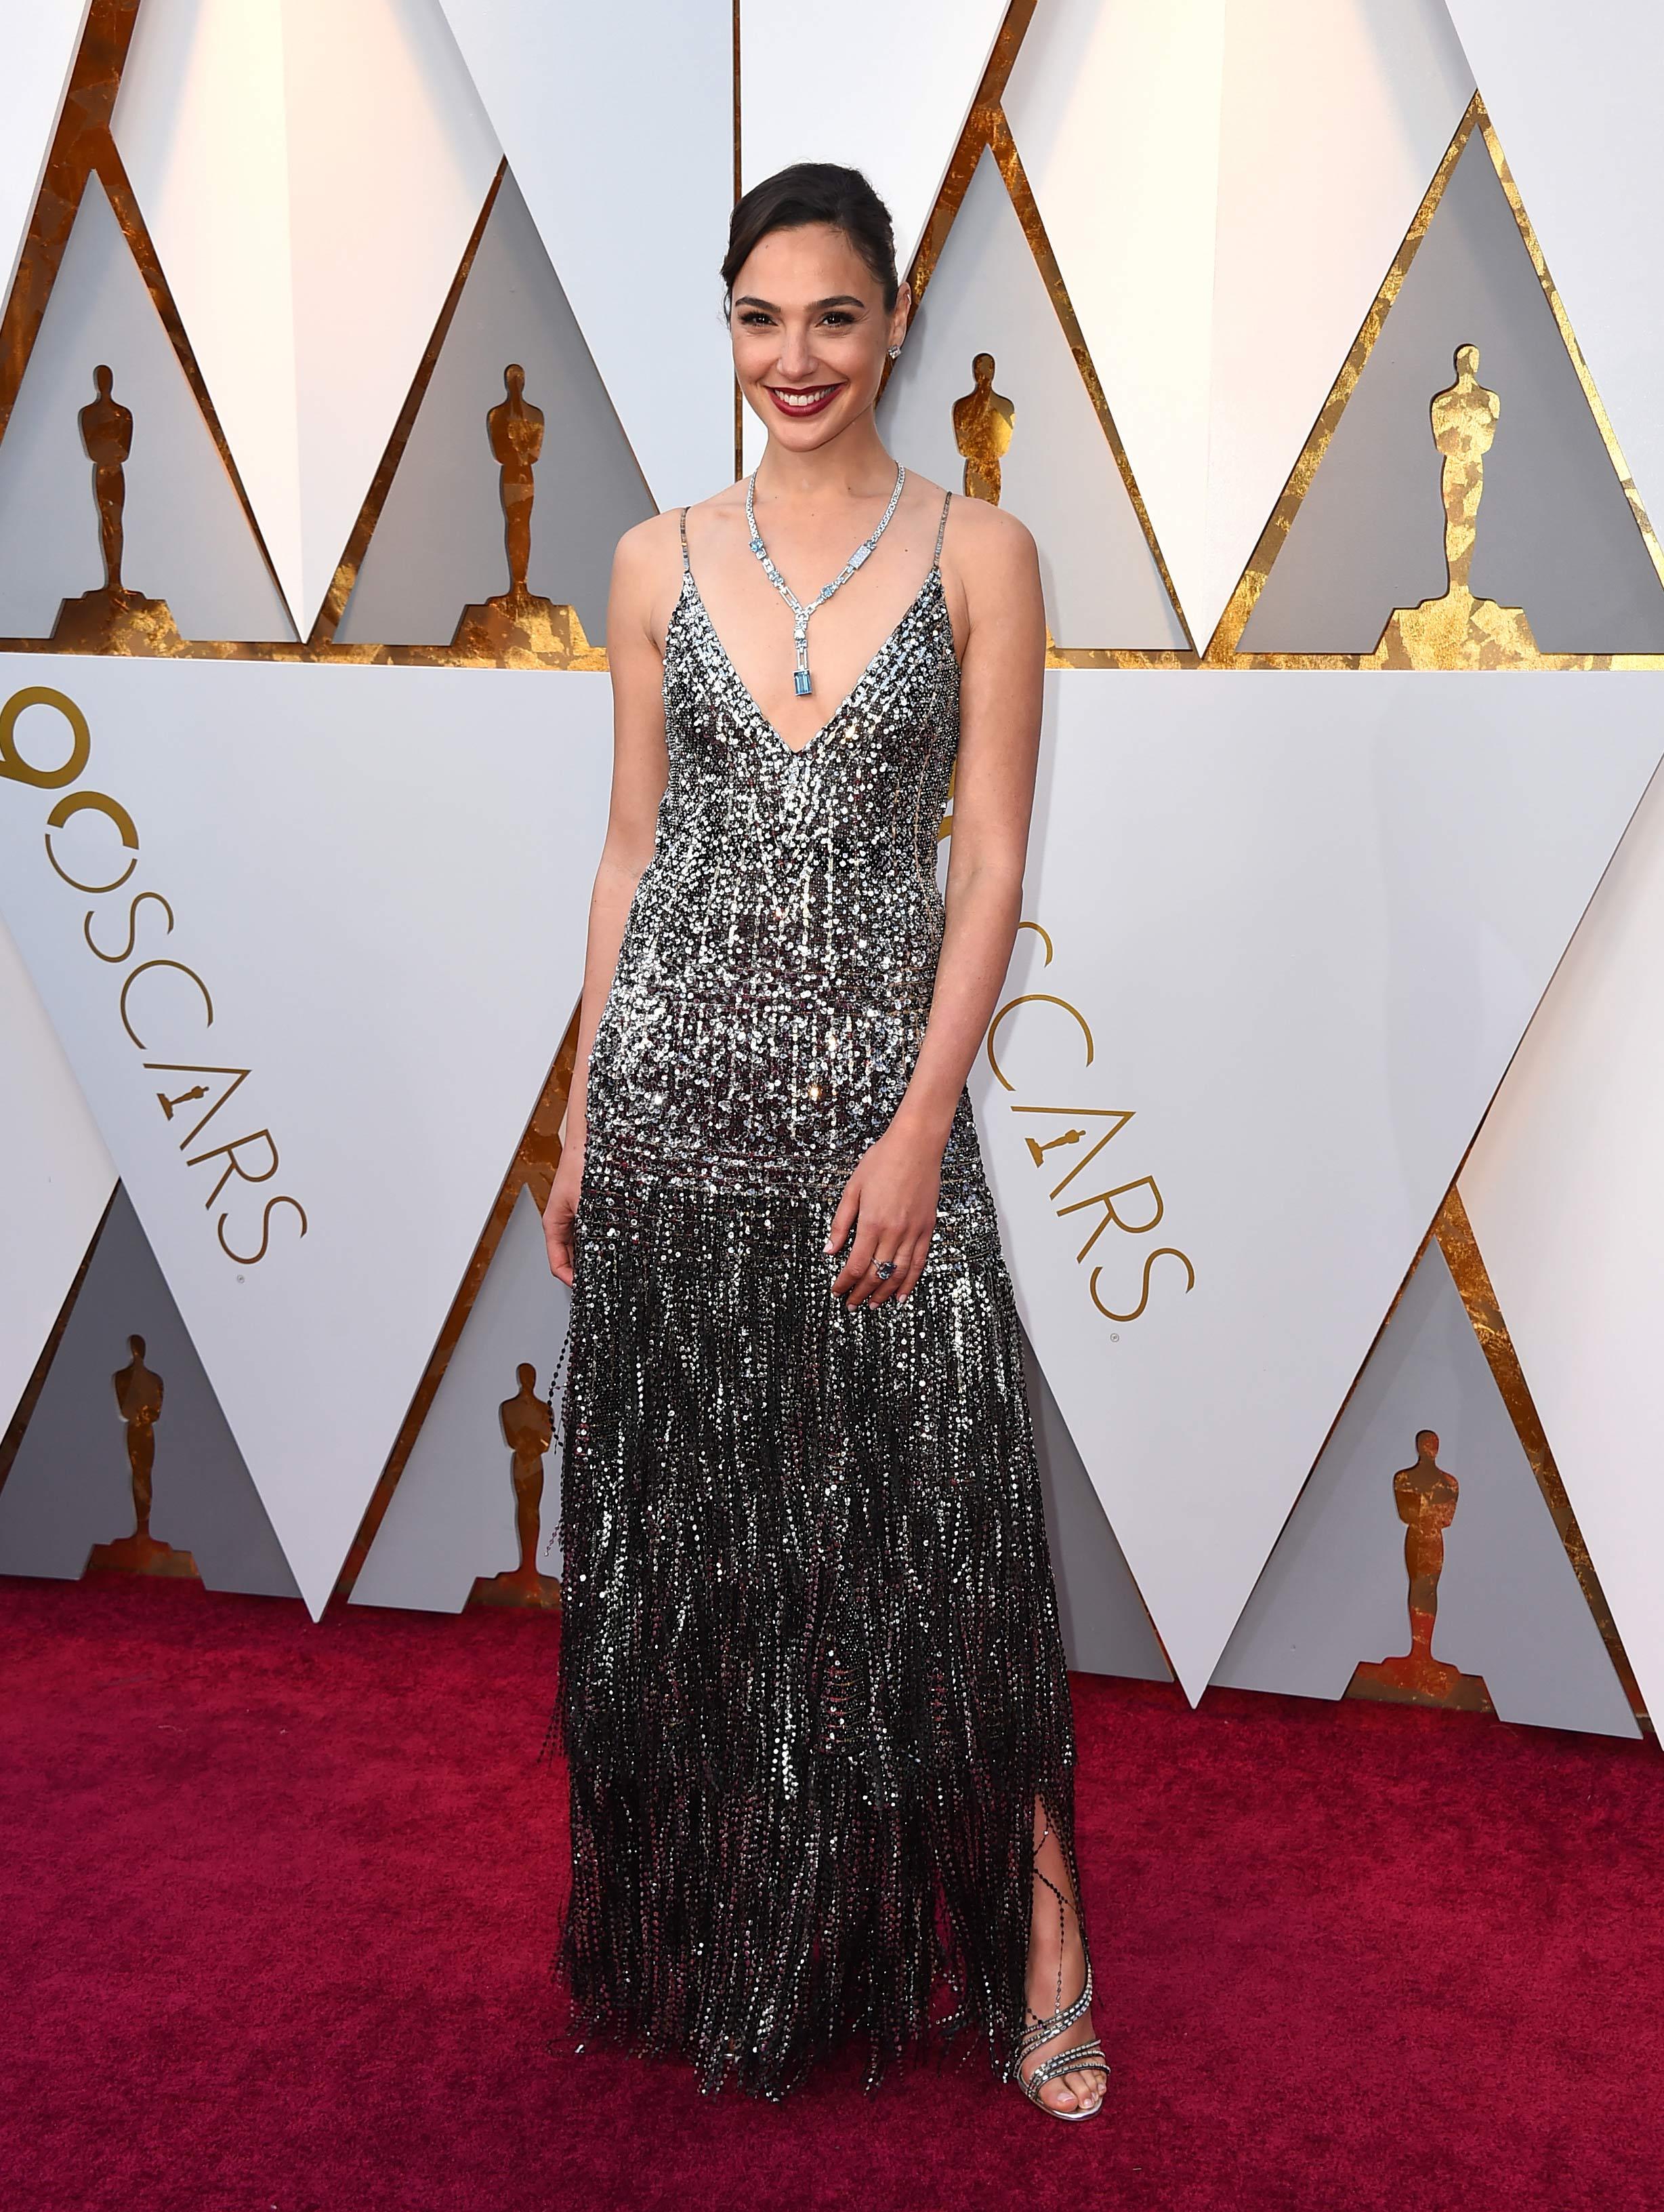 Gal Gadot, una de las presentadoras de la noche, luce un impactante vestido de Givenchy en tonos metalizados al participar de los Premios Oscar 2018. (The Associated Press)